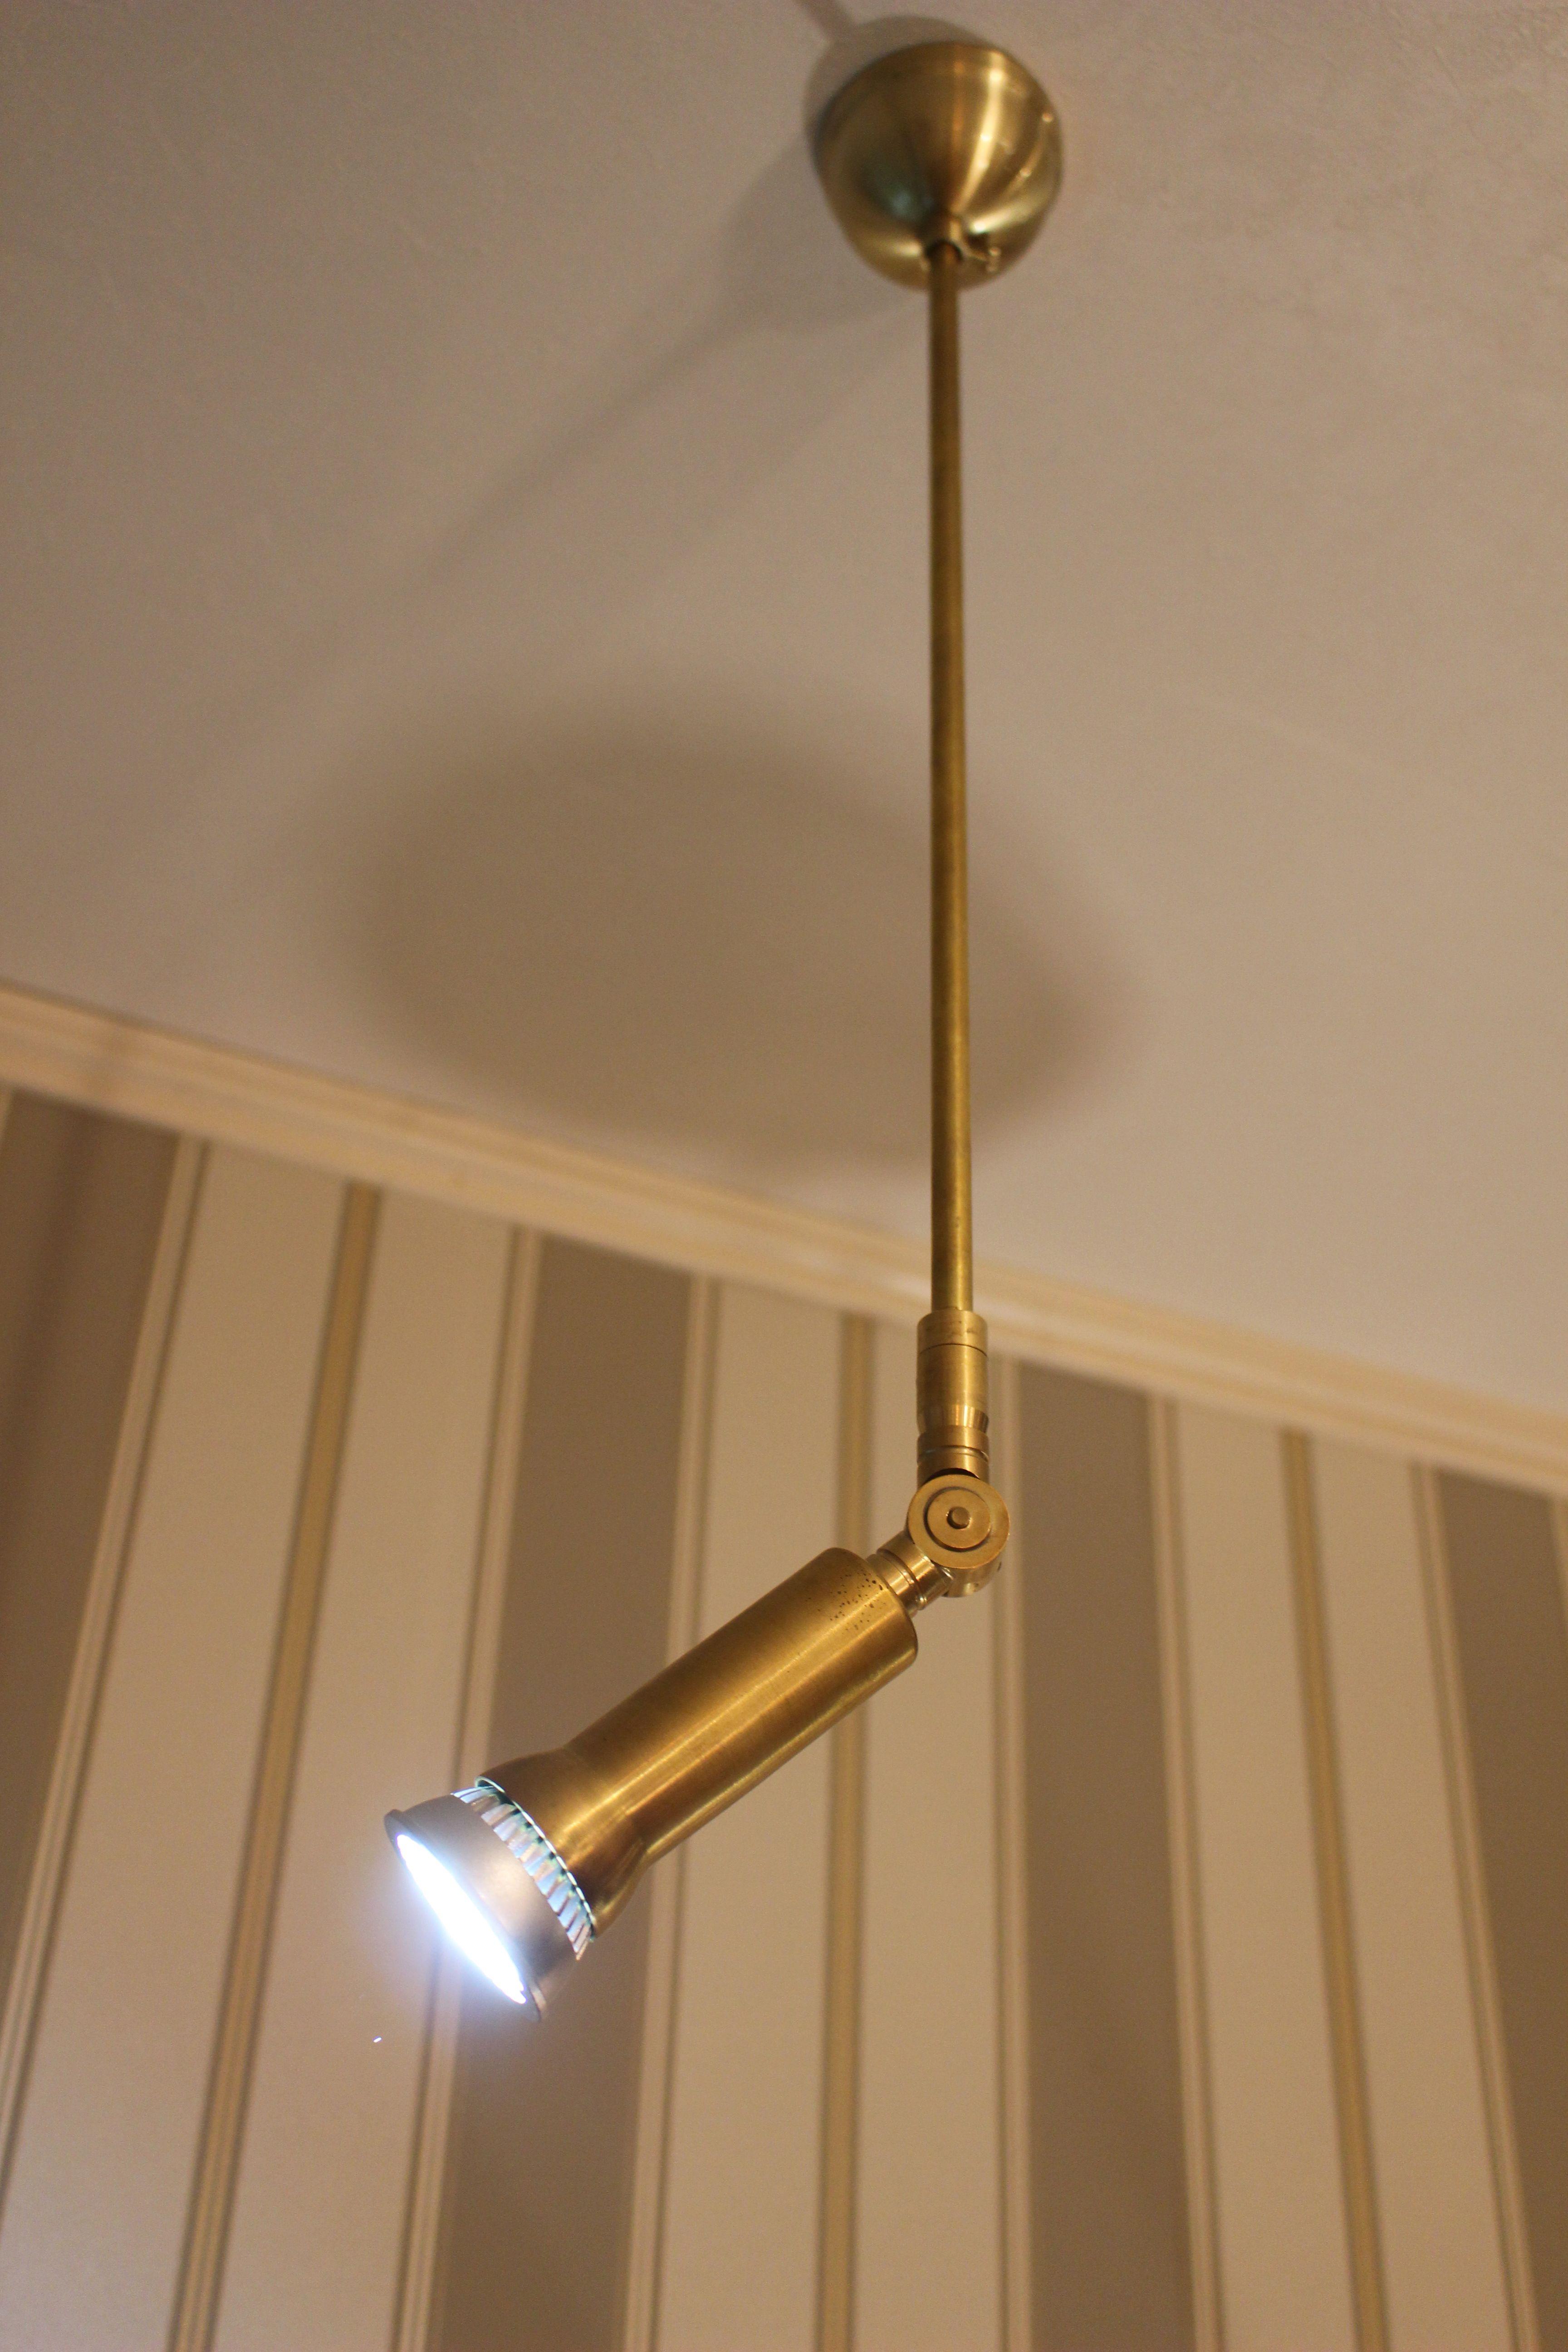 スポットライトがカウンター照明に 真鍮製スポットライト 店舗照明